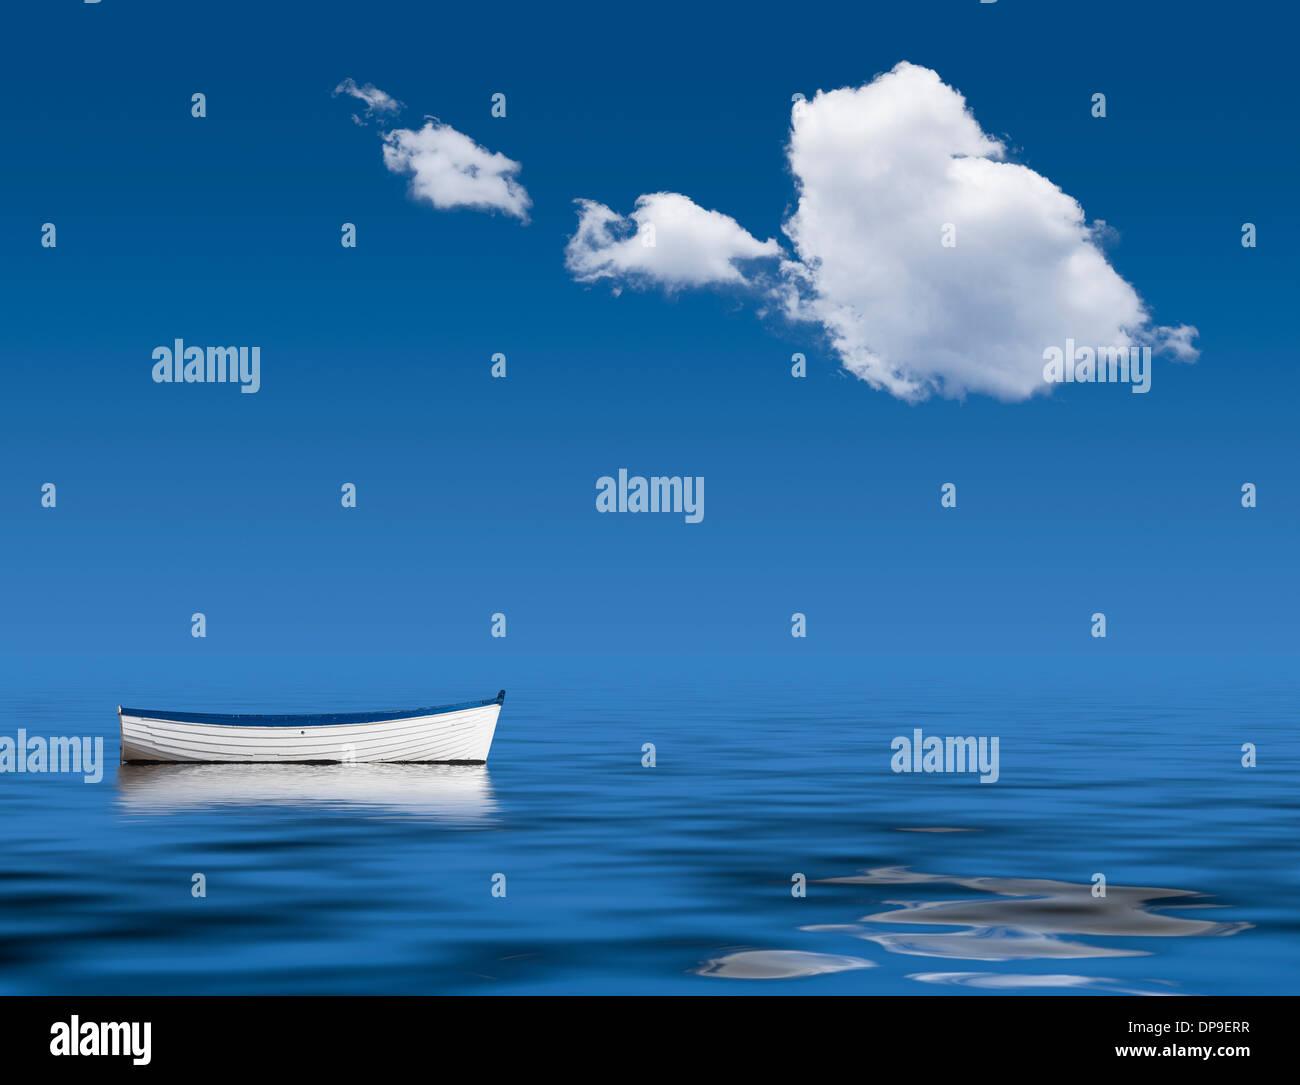 Voile seul sur l'océan - la paix, la tranquillité, la solitude de l'image concept Photo Stock